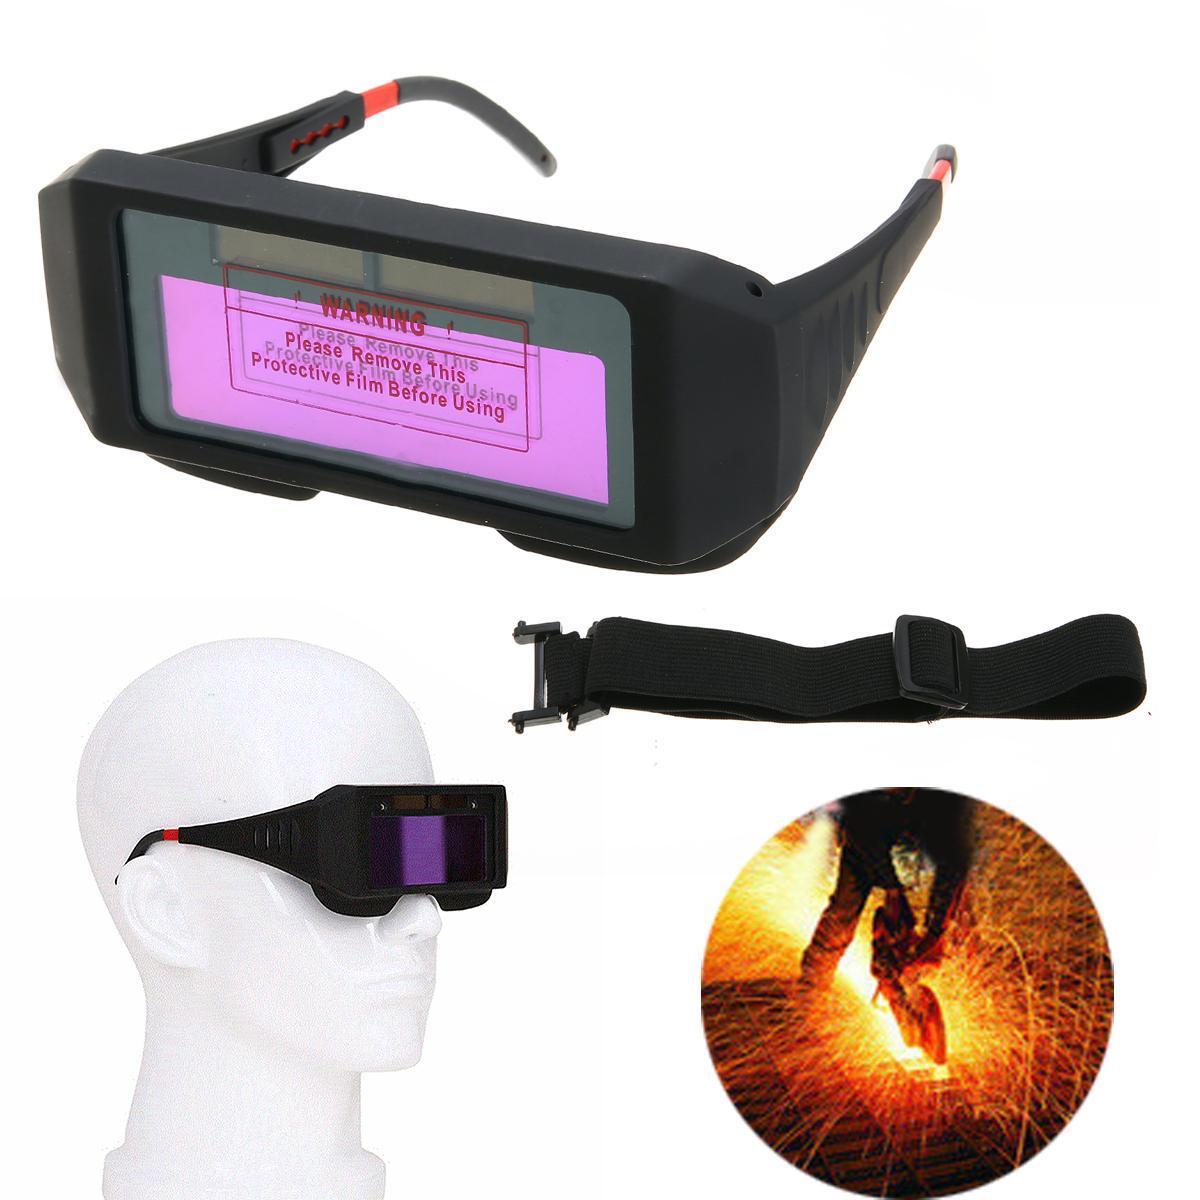 Kính Hàn Điện Tử Loại Nào Tốt - Kính hàn điện tử CHỐNG TIA UV tự động cảm biến ánh sáng KH03  Bảo Vệ Mắt Khi Hàn.Bảo hành 1 năm.